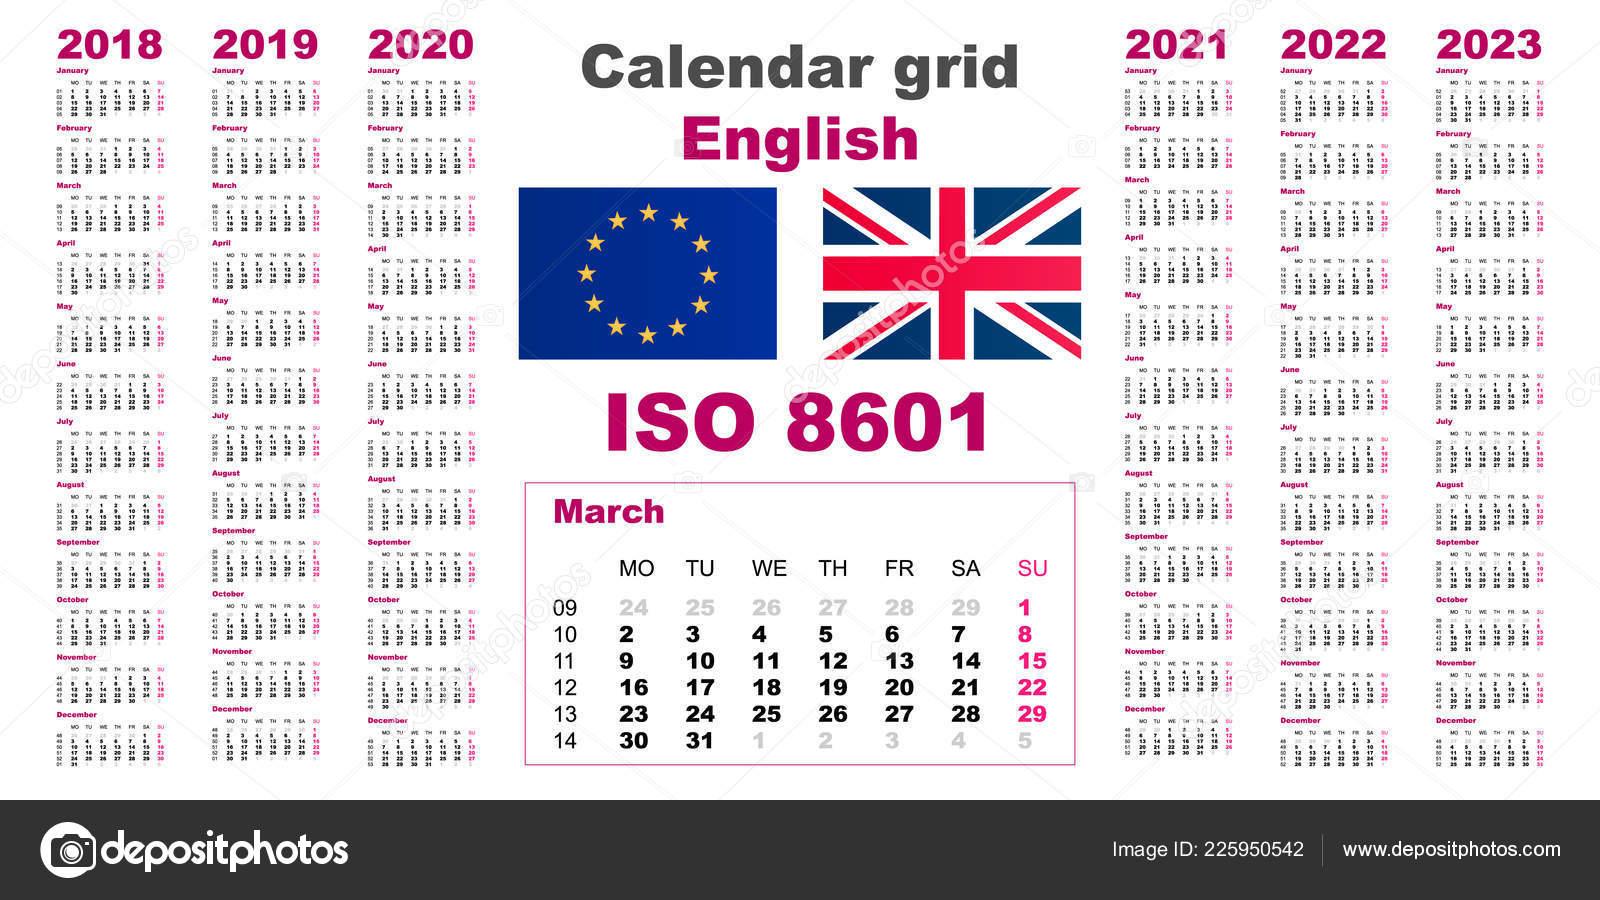 Calendario 2020 Con Le Settimane.Parete Di Griglia Set Calendario Inglese Per Il 2018 2019